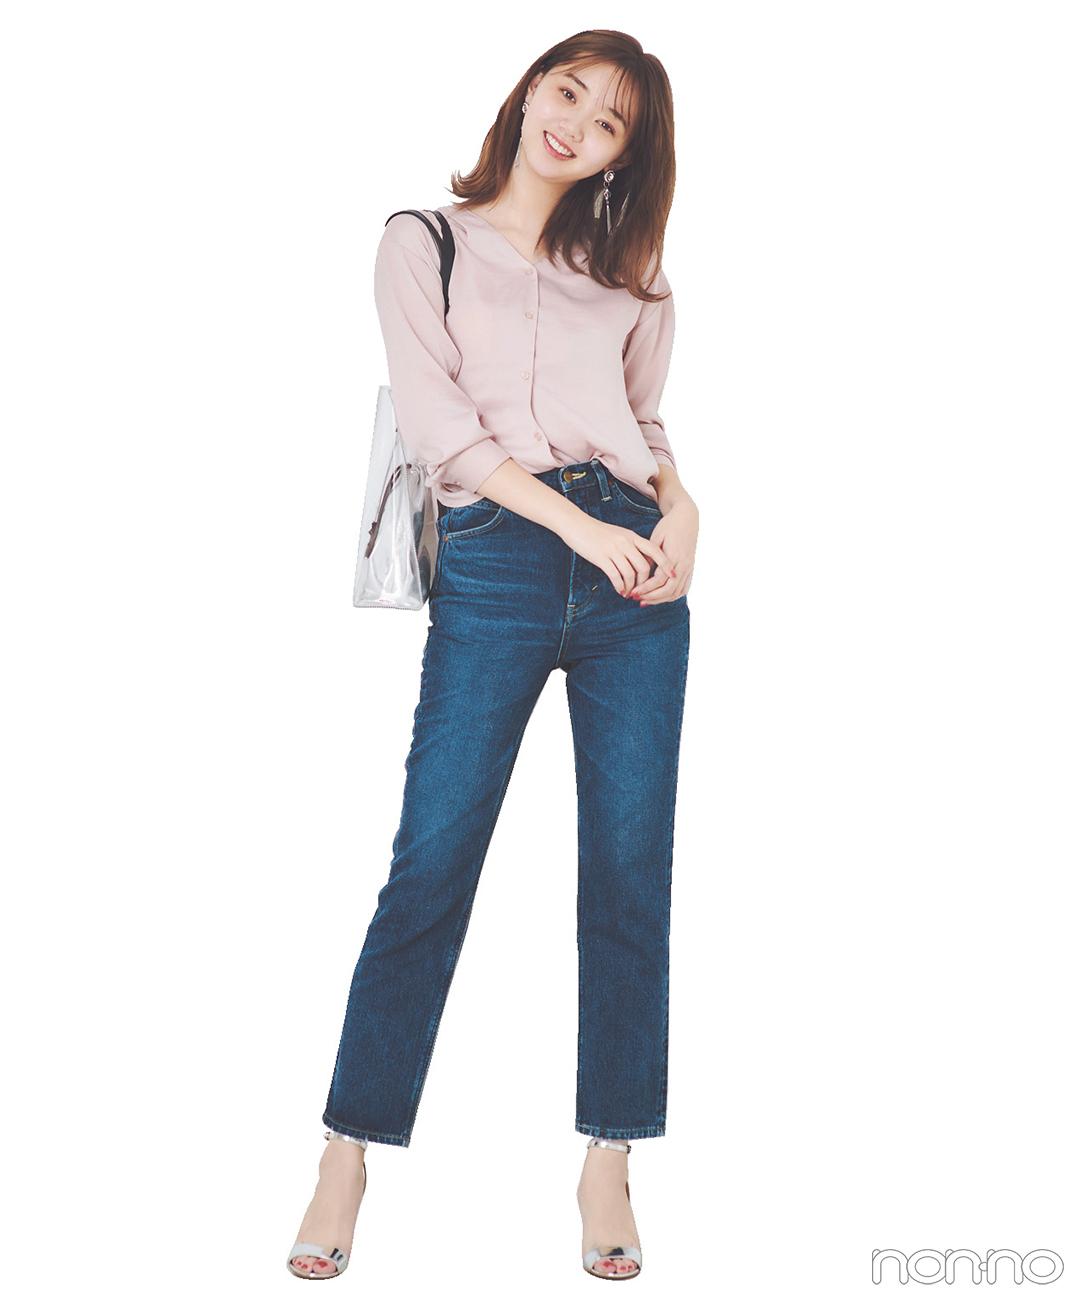 デニムコーデはくすみピンクのとろみシャツで華やぎも可愛げもオン!【毎日コーデ】_1_1